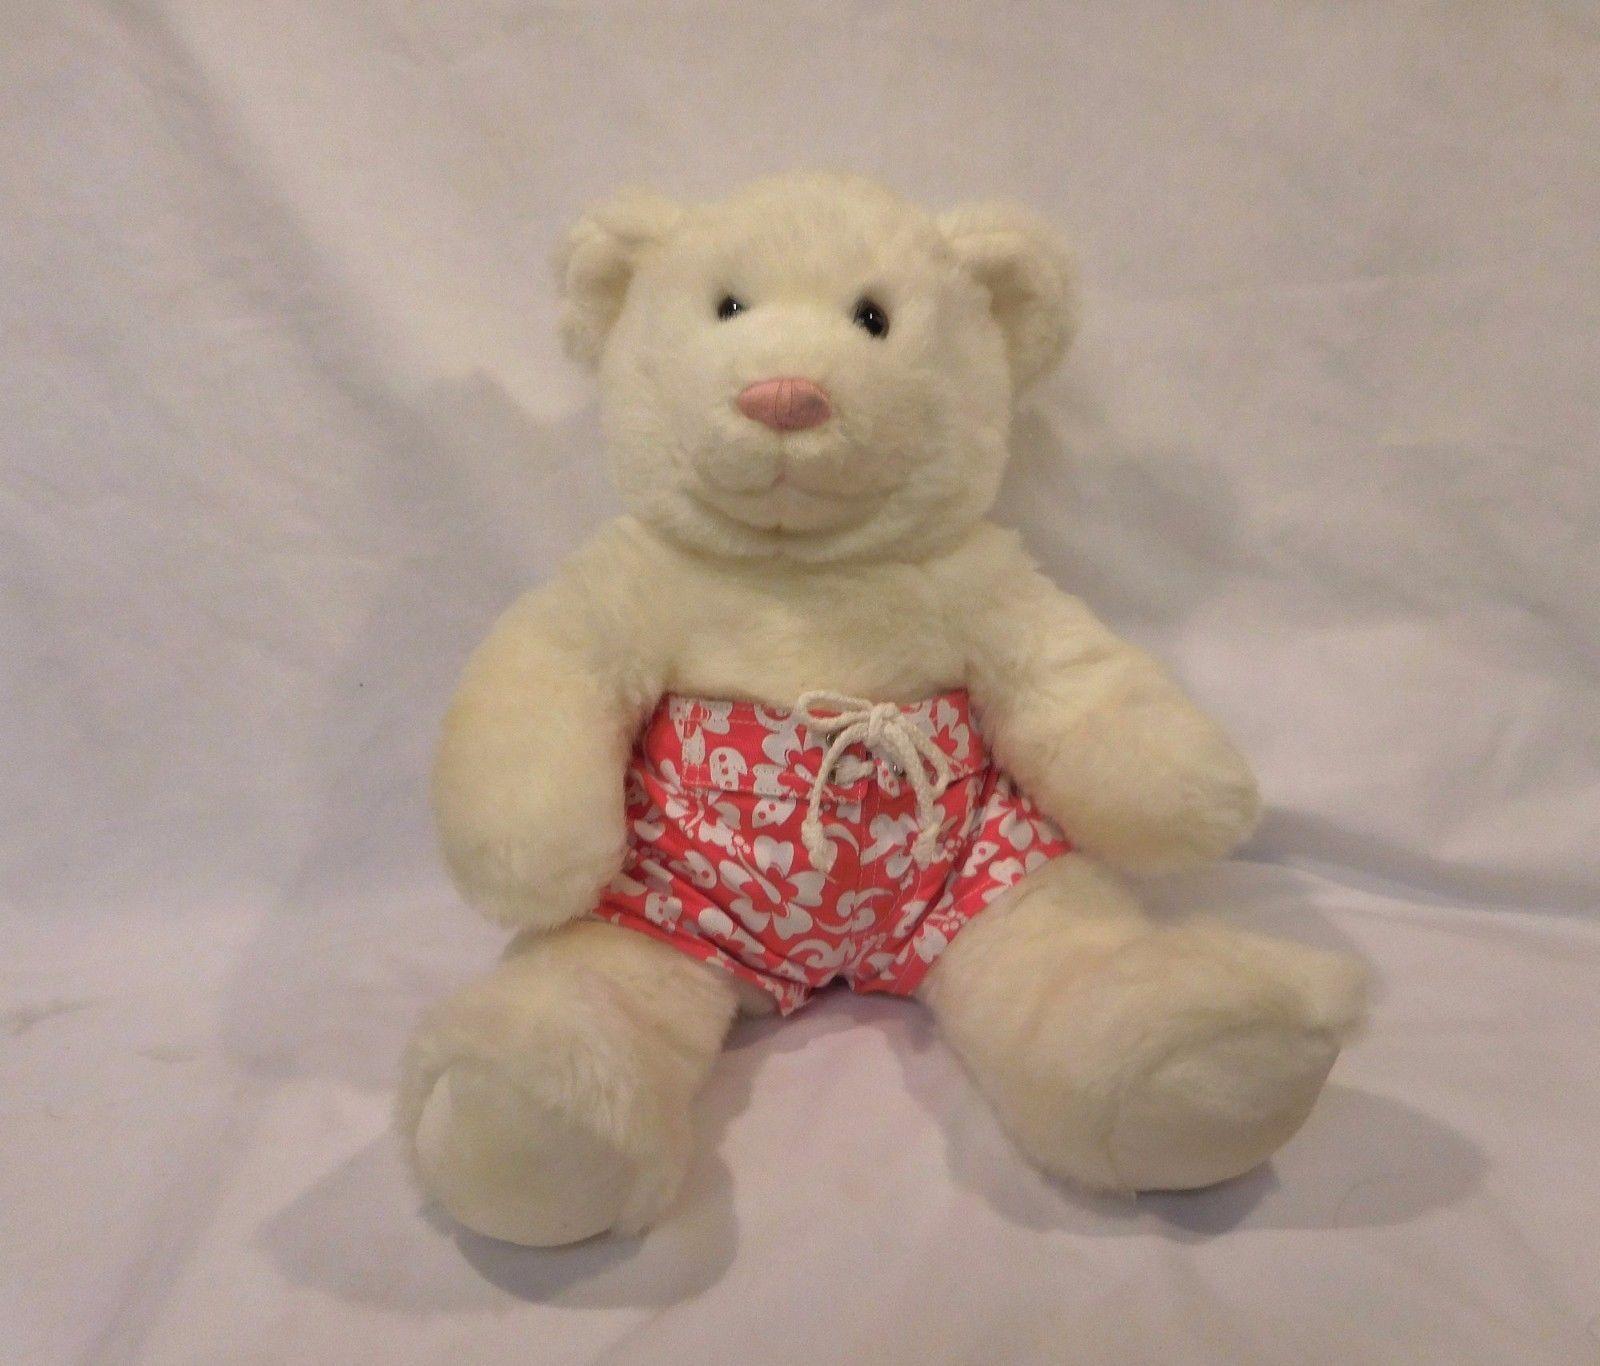 5b3a1e11f28 S l1600. S l1600. Previous. Build A Bear Workshop BABW Stuffed Plush White  Bear Pink Nose 14